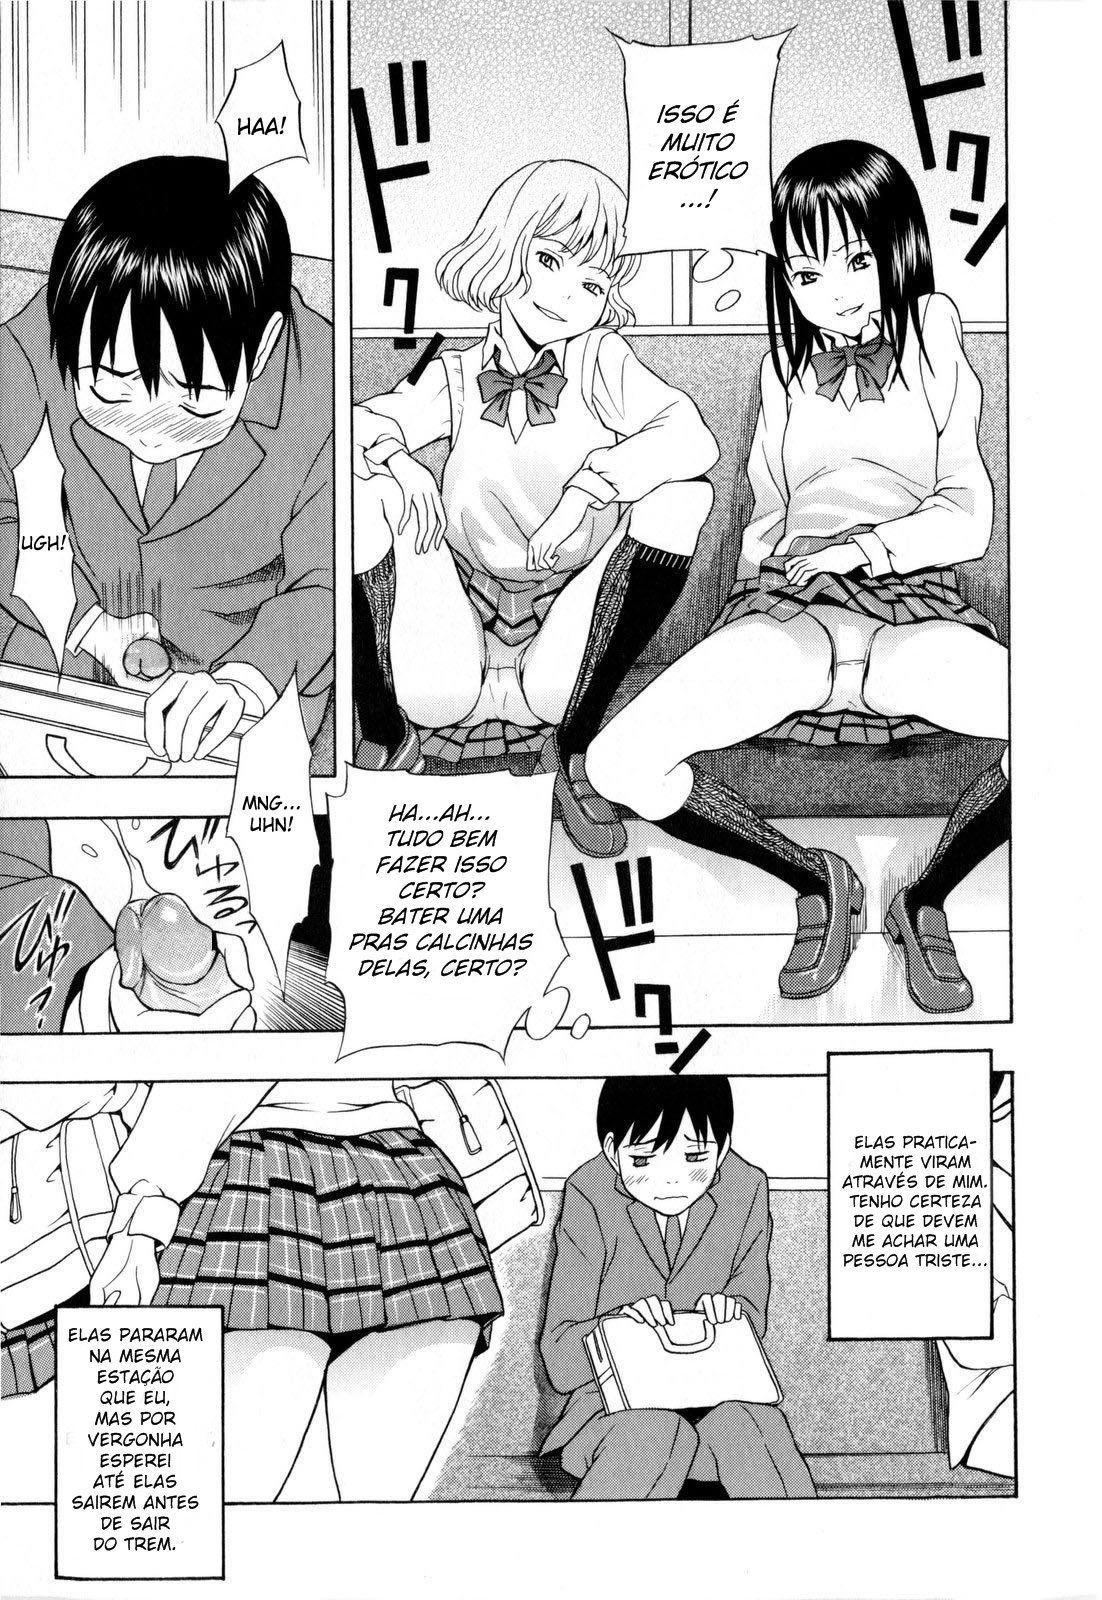 Estudantes-levantando-à-saia-hentaihome-11